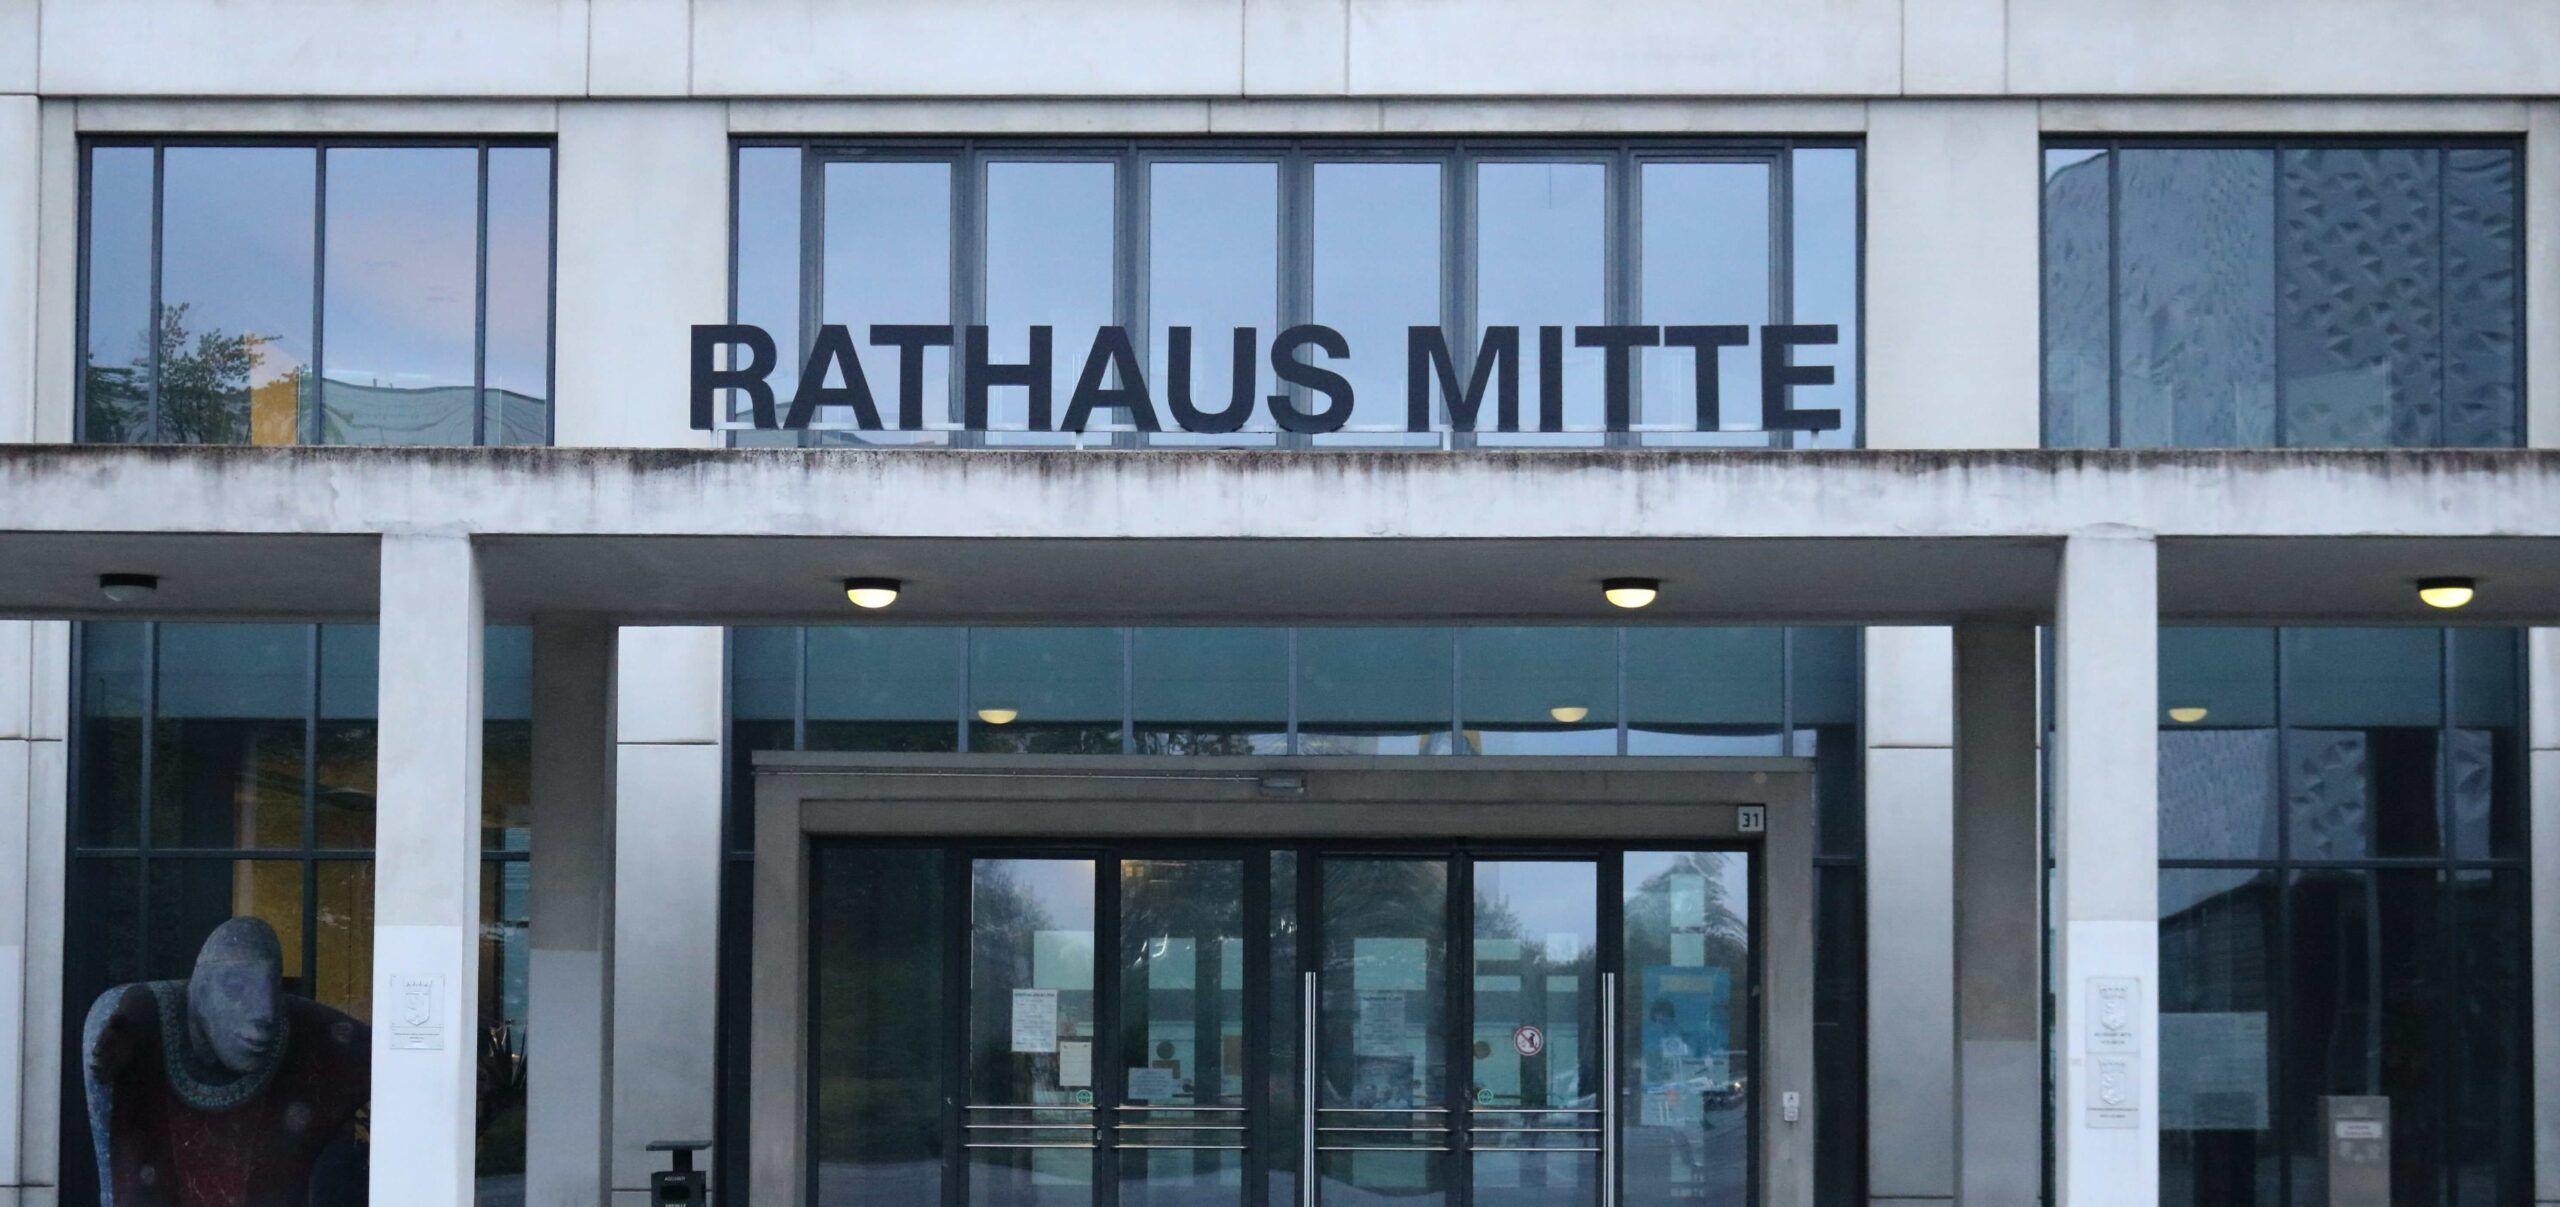 Bürgeramt Rathaus Mitte - 10178 Berlin - Karl Marx Allee 31